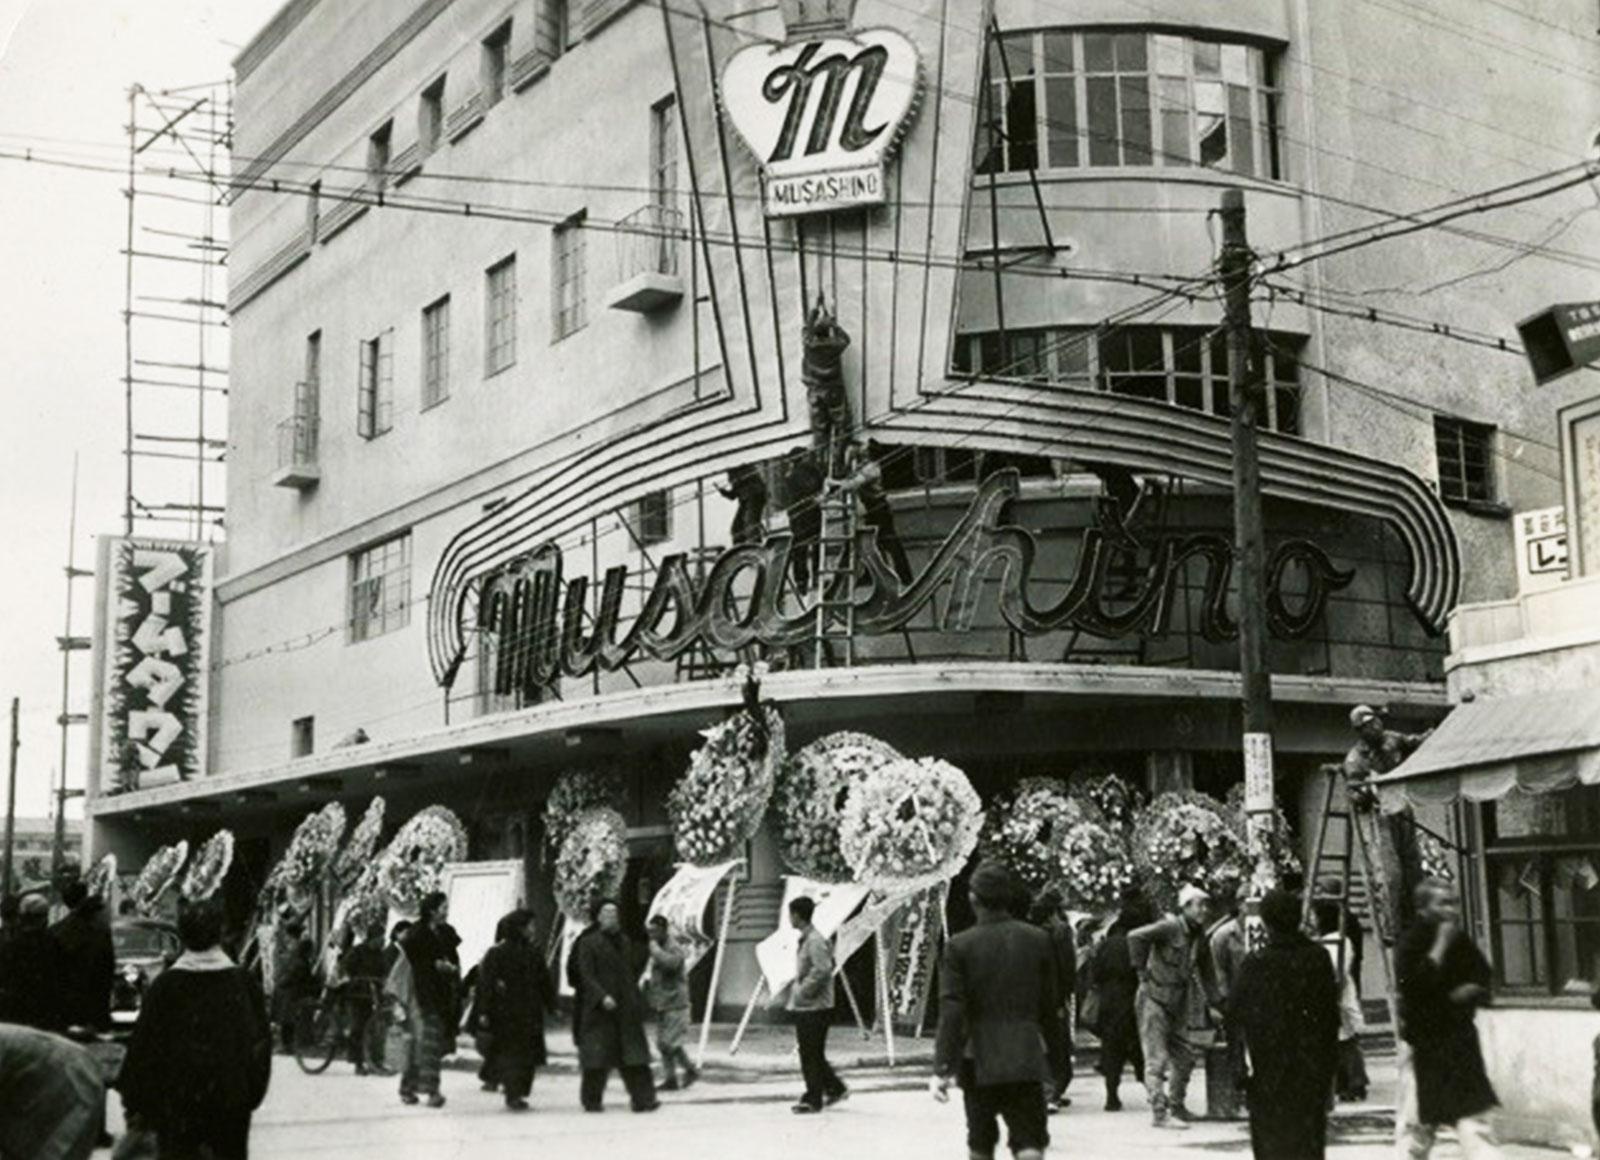 1947(昭和22)年、アメリカ映画「ブーム・タウン」が公開された時の様子(武蔵野興業 所蔵写真)